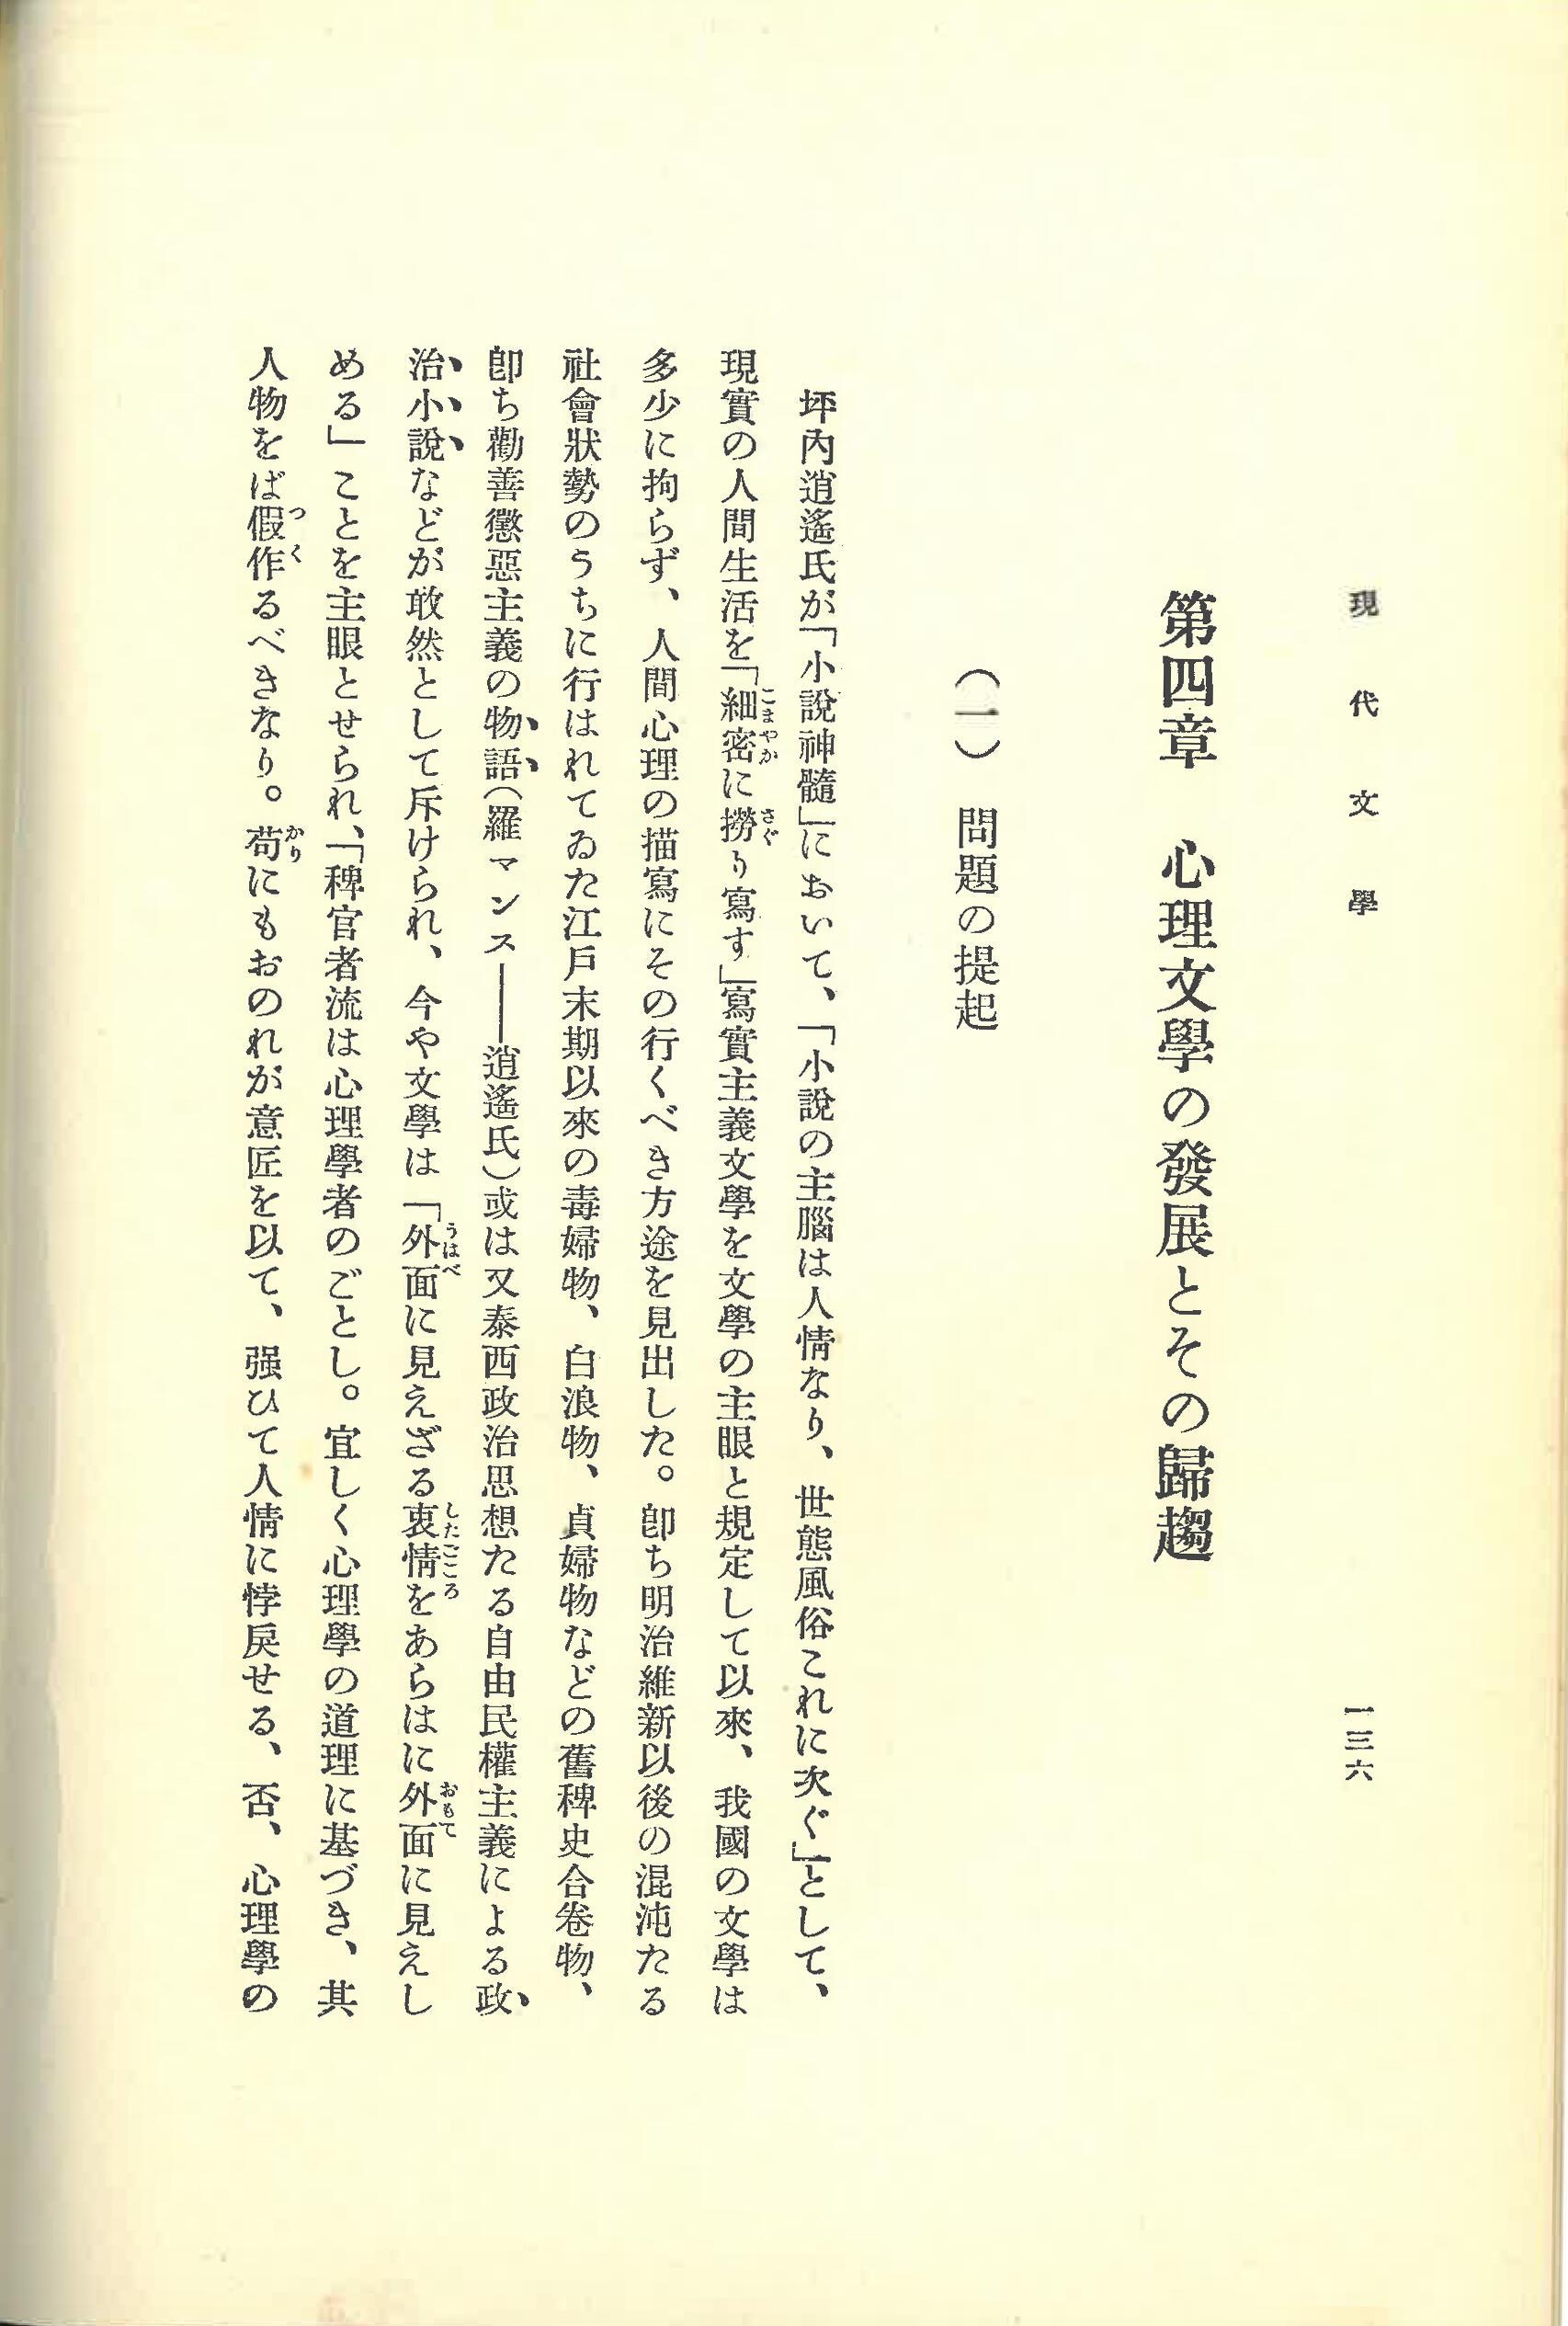 瀬沼茂樹『現代文学』「心理文学の発展とその帰趨」.jpg